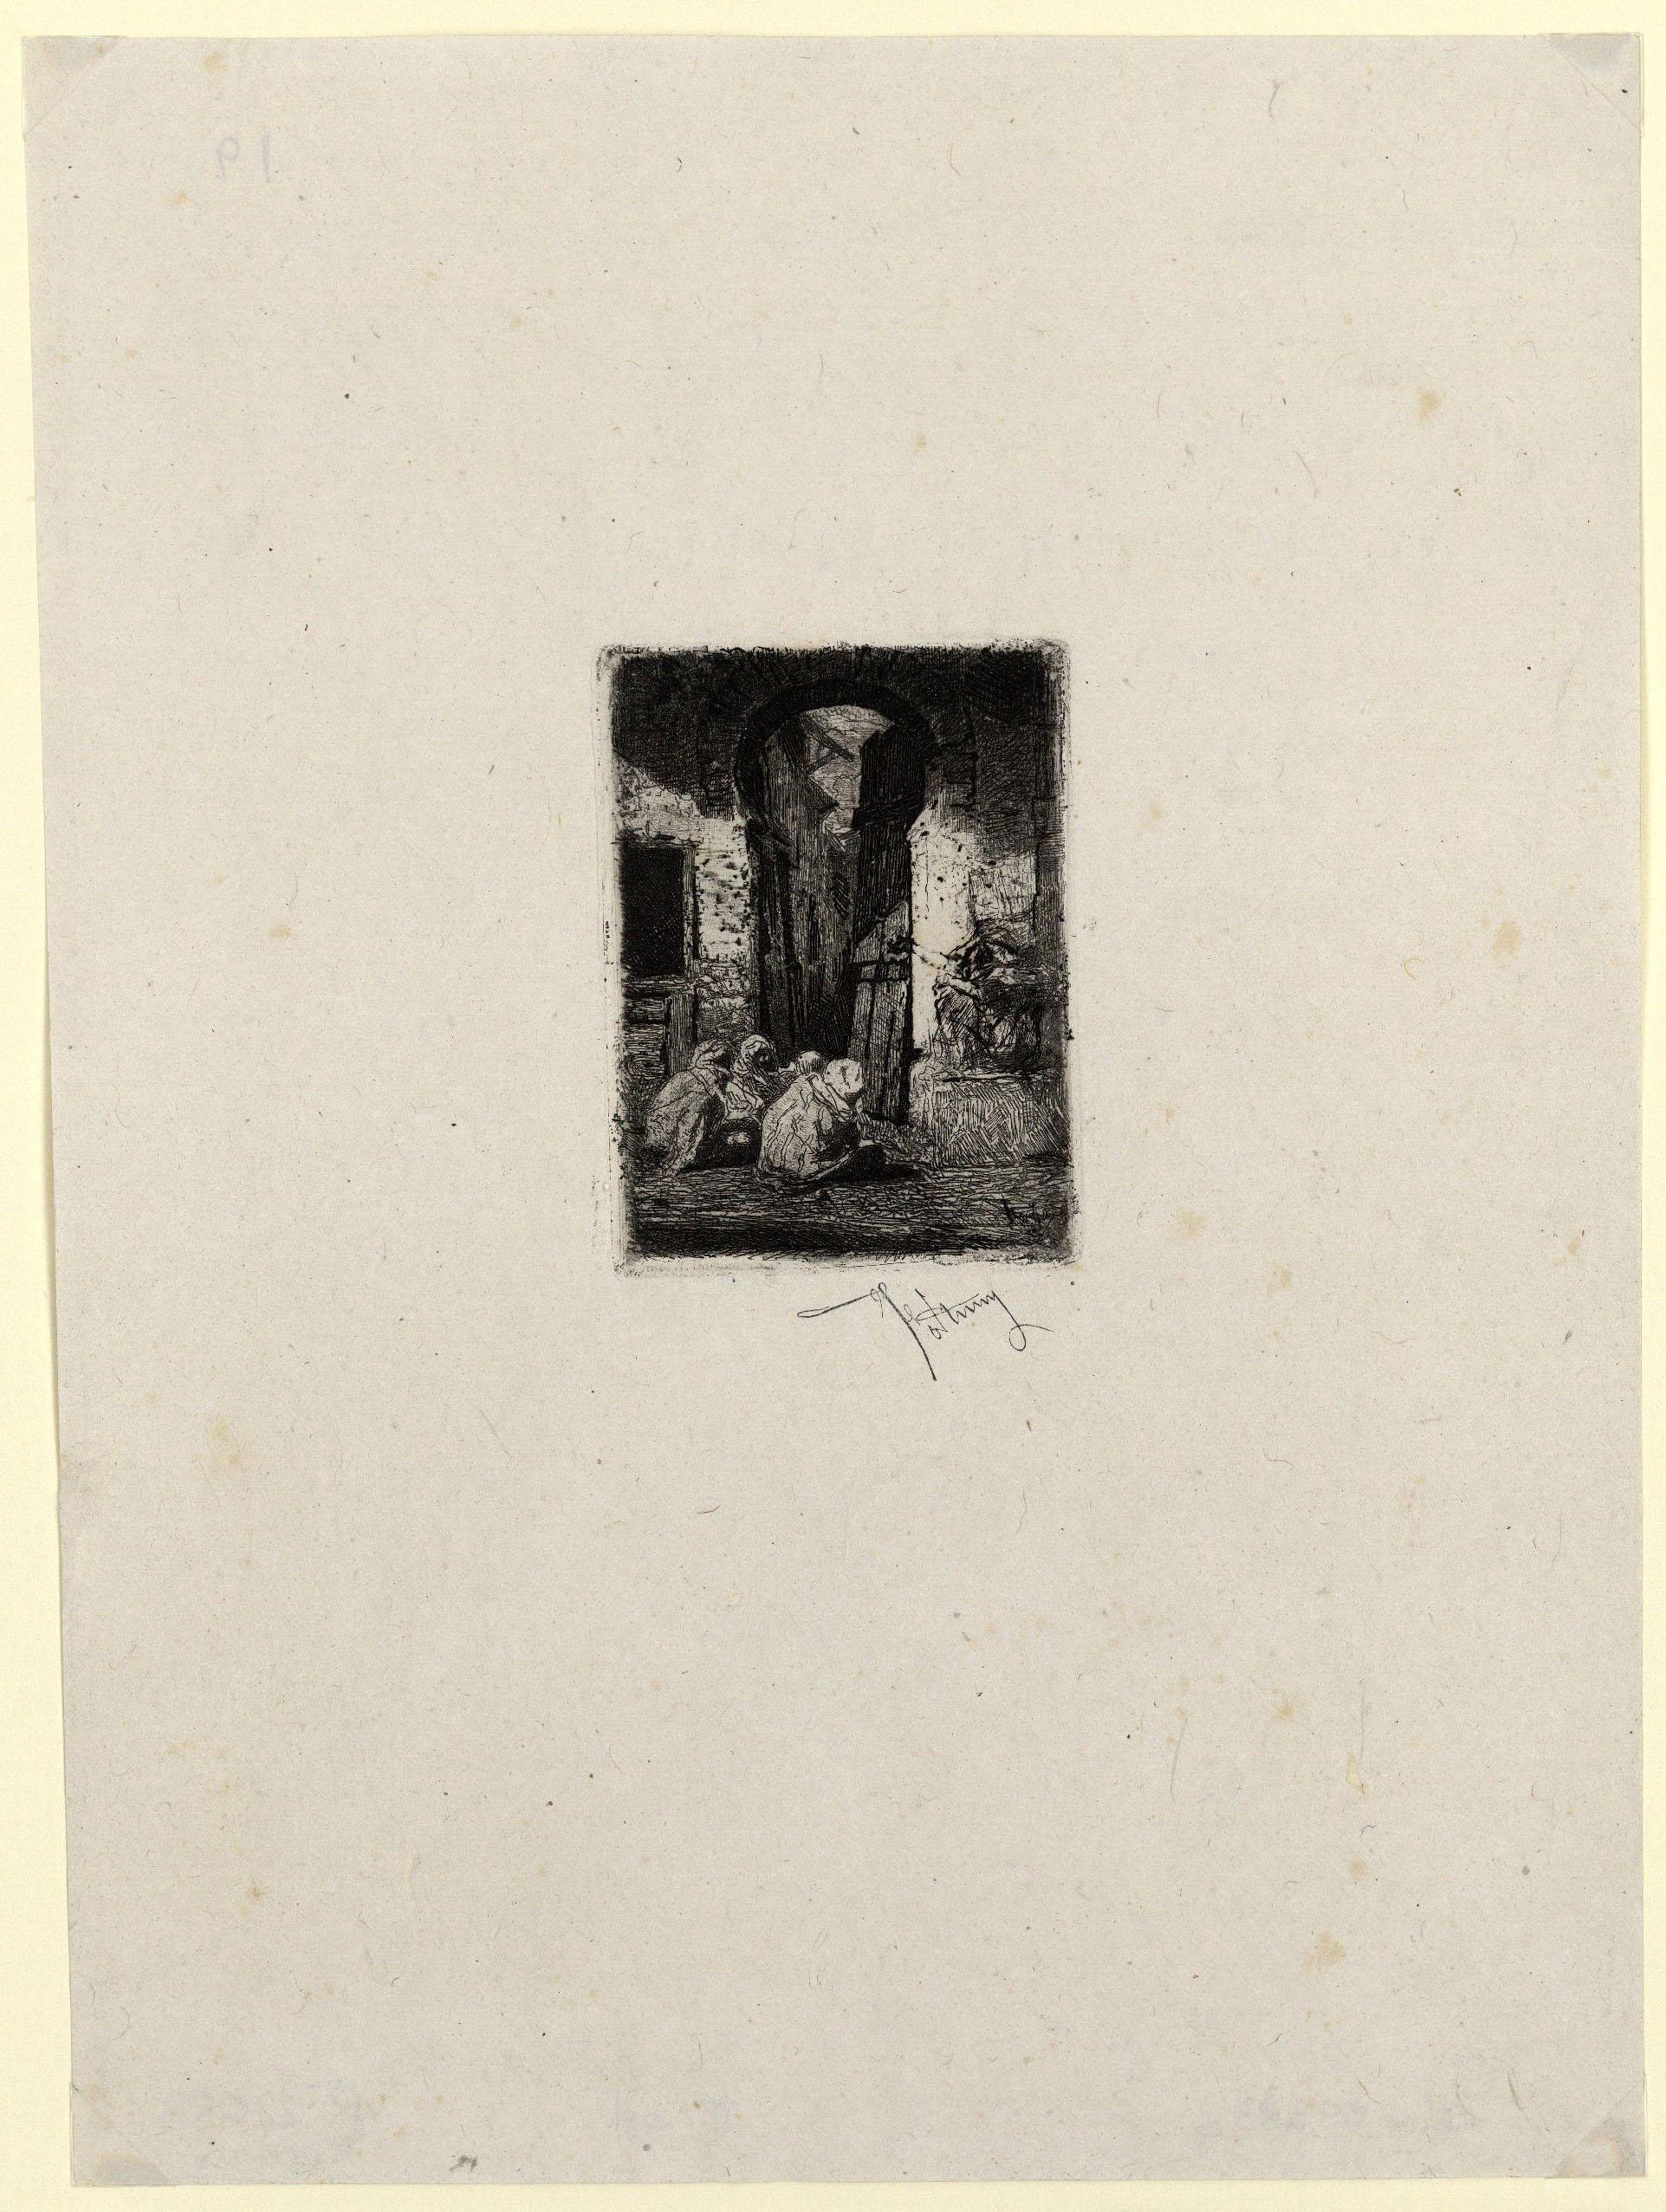 Marià Fortuny - Tànger - Cap a 1861